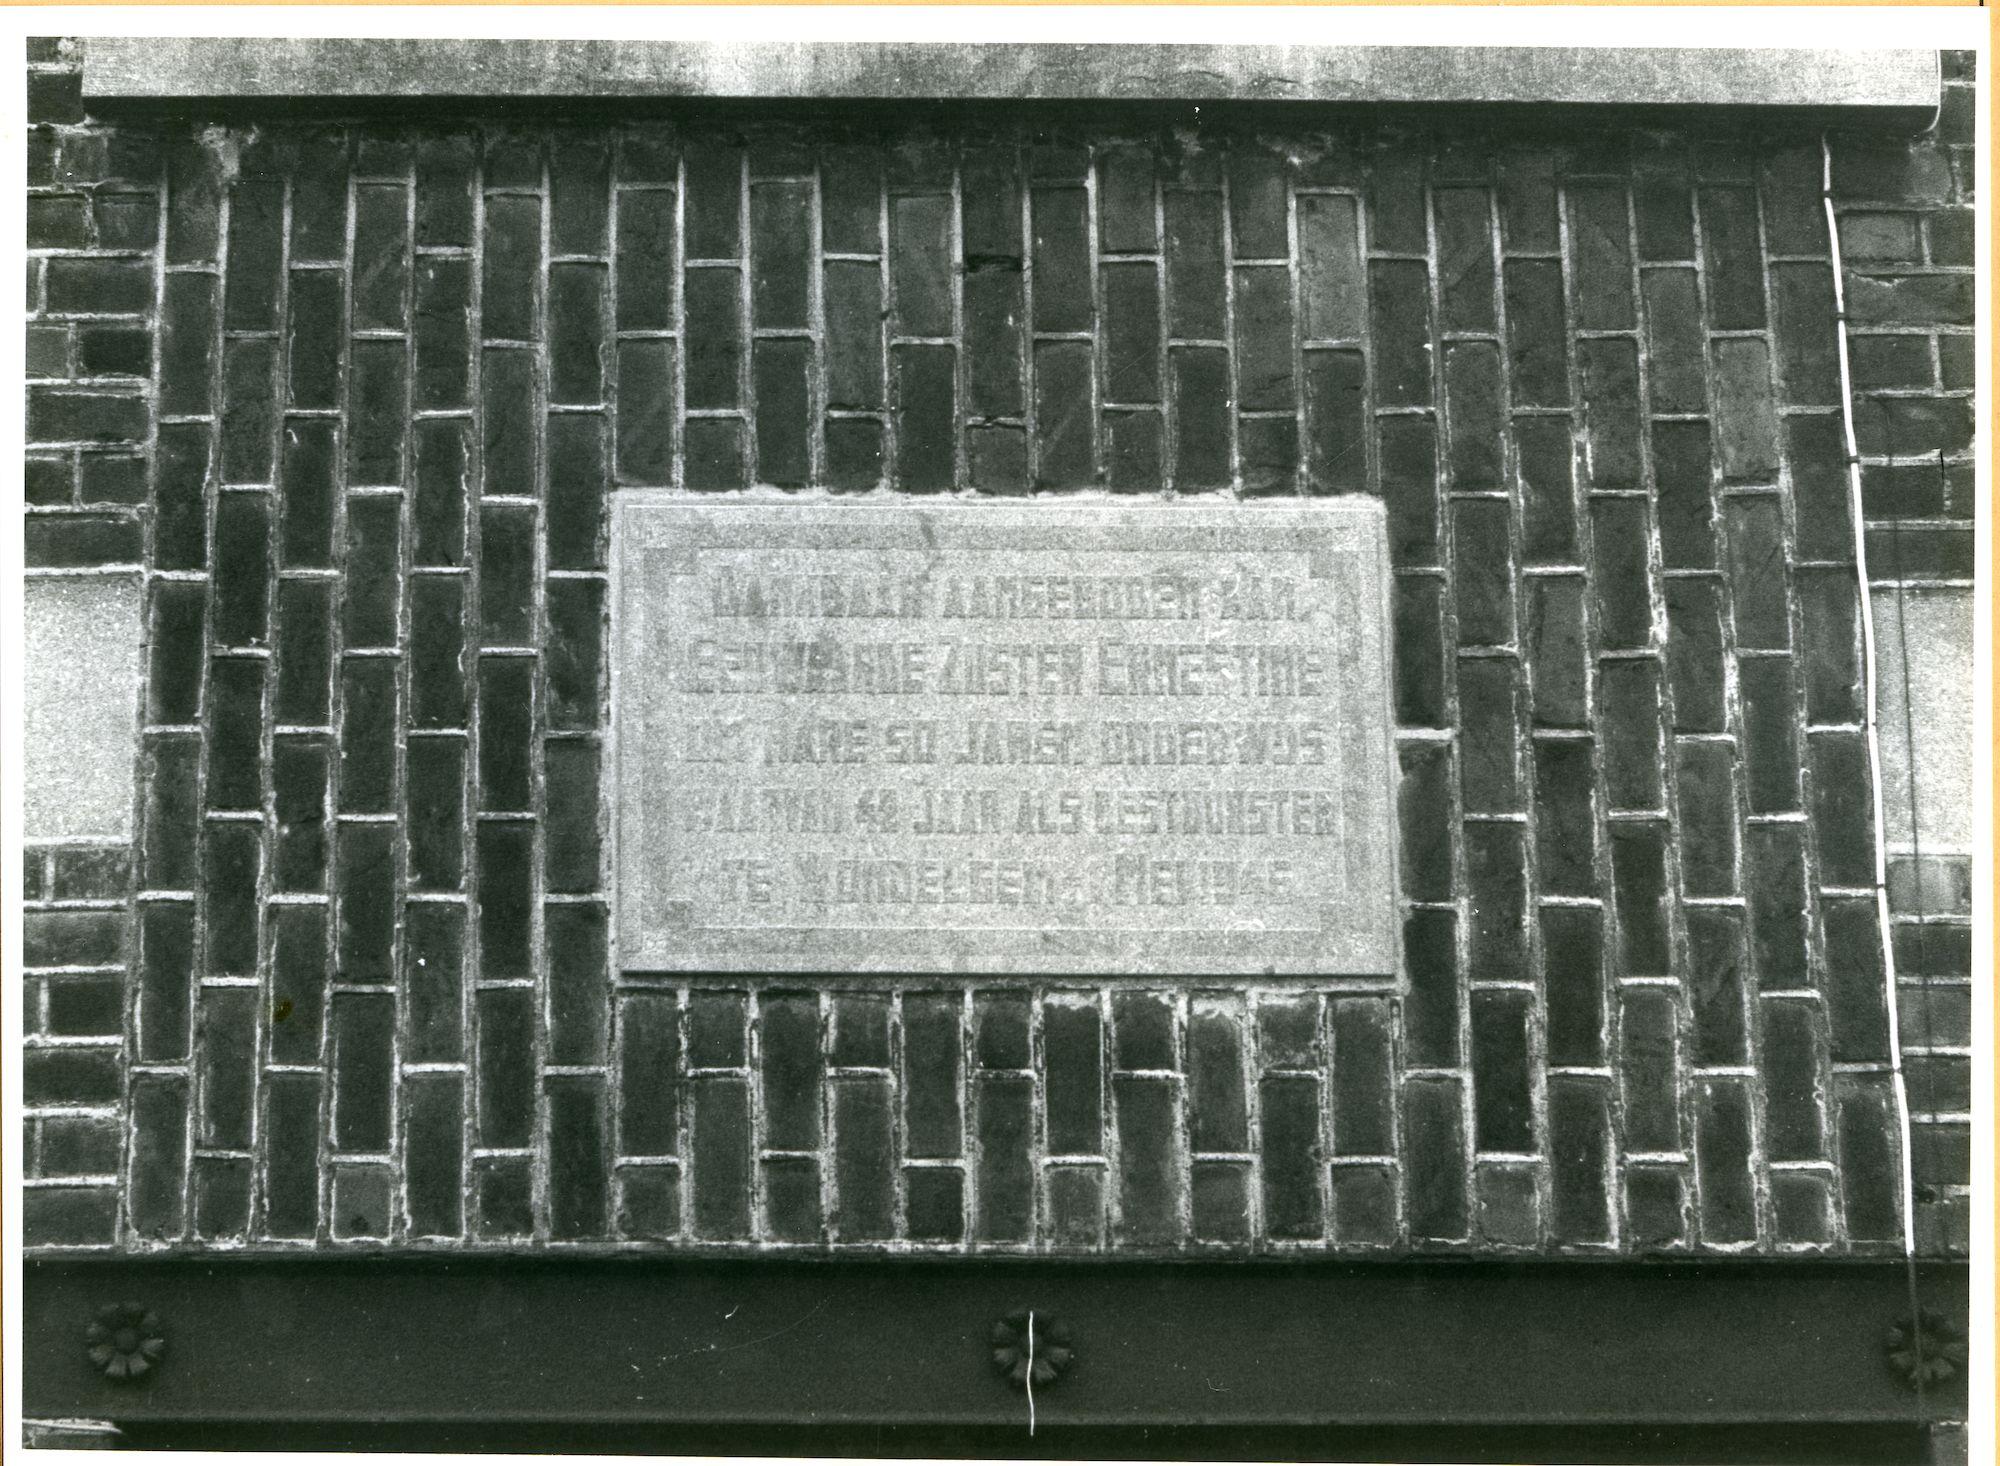 Wondelgem: Botestraat 3: Gedenksteen, 1979